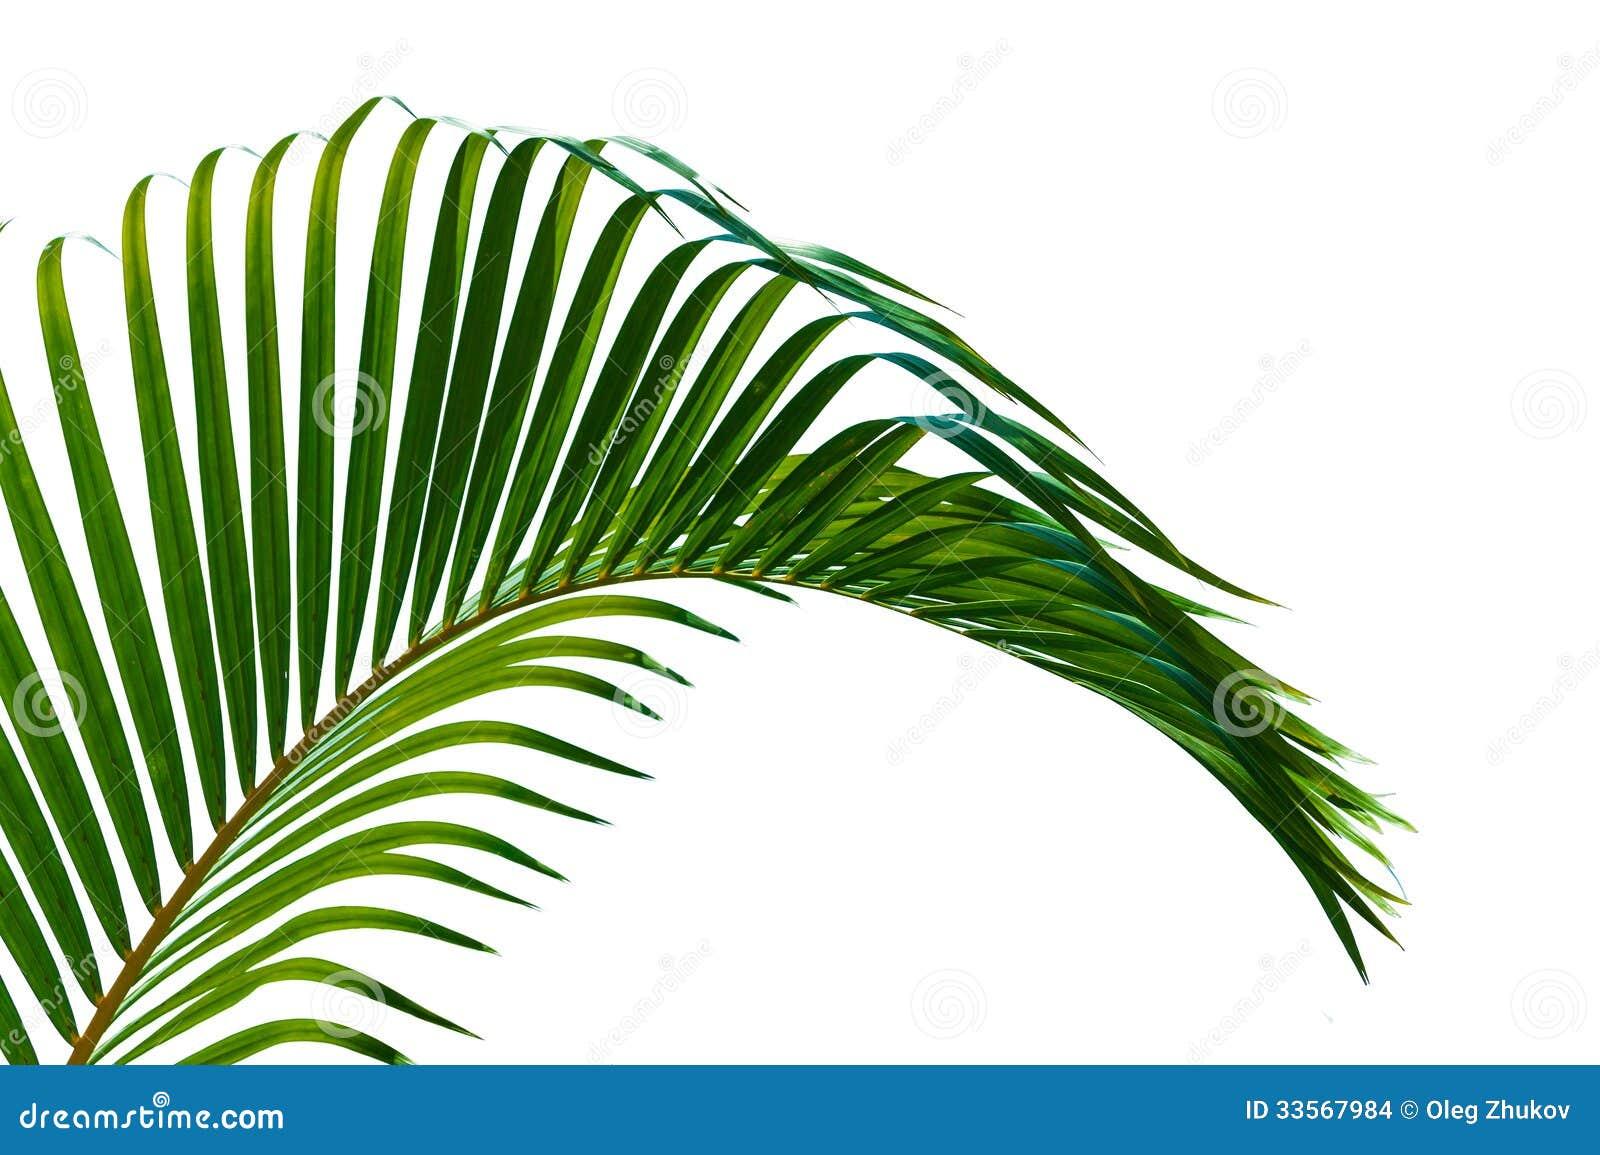 灌木, 特写镜头, 椰子, 卷曲, 曲线, 详细资料, 羽毛似, 植物群, 叶子图片